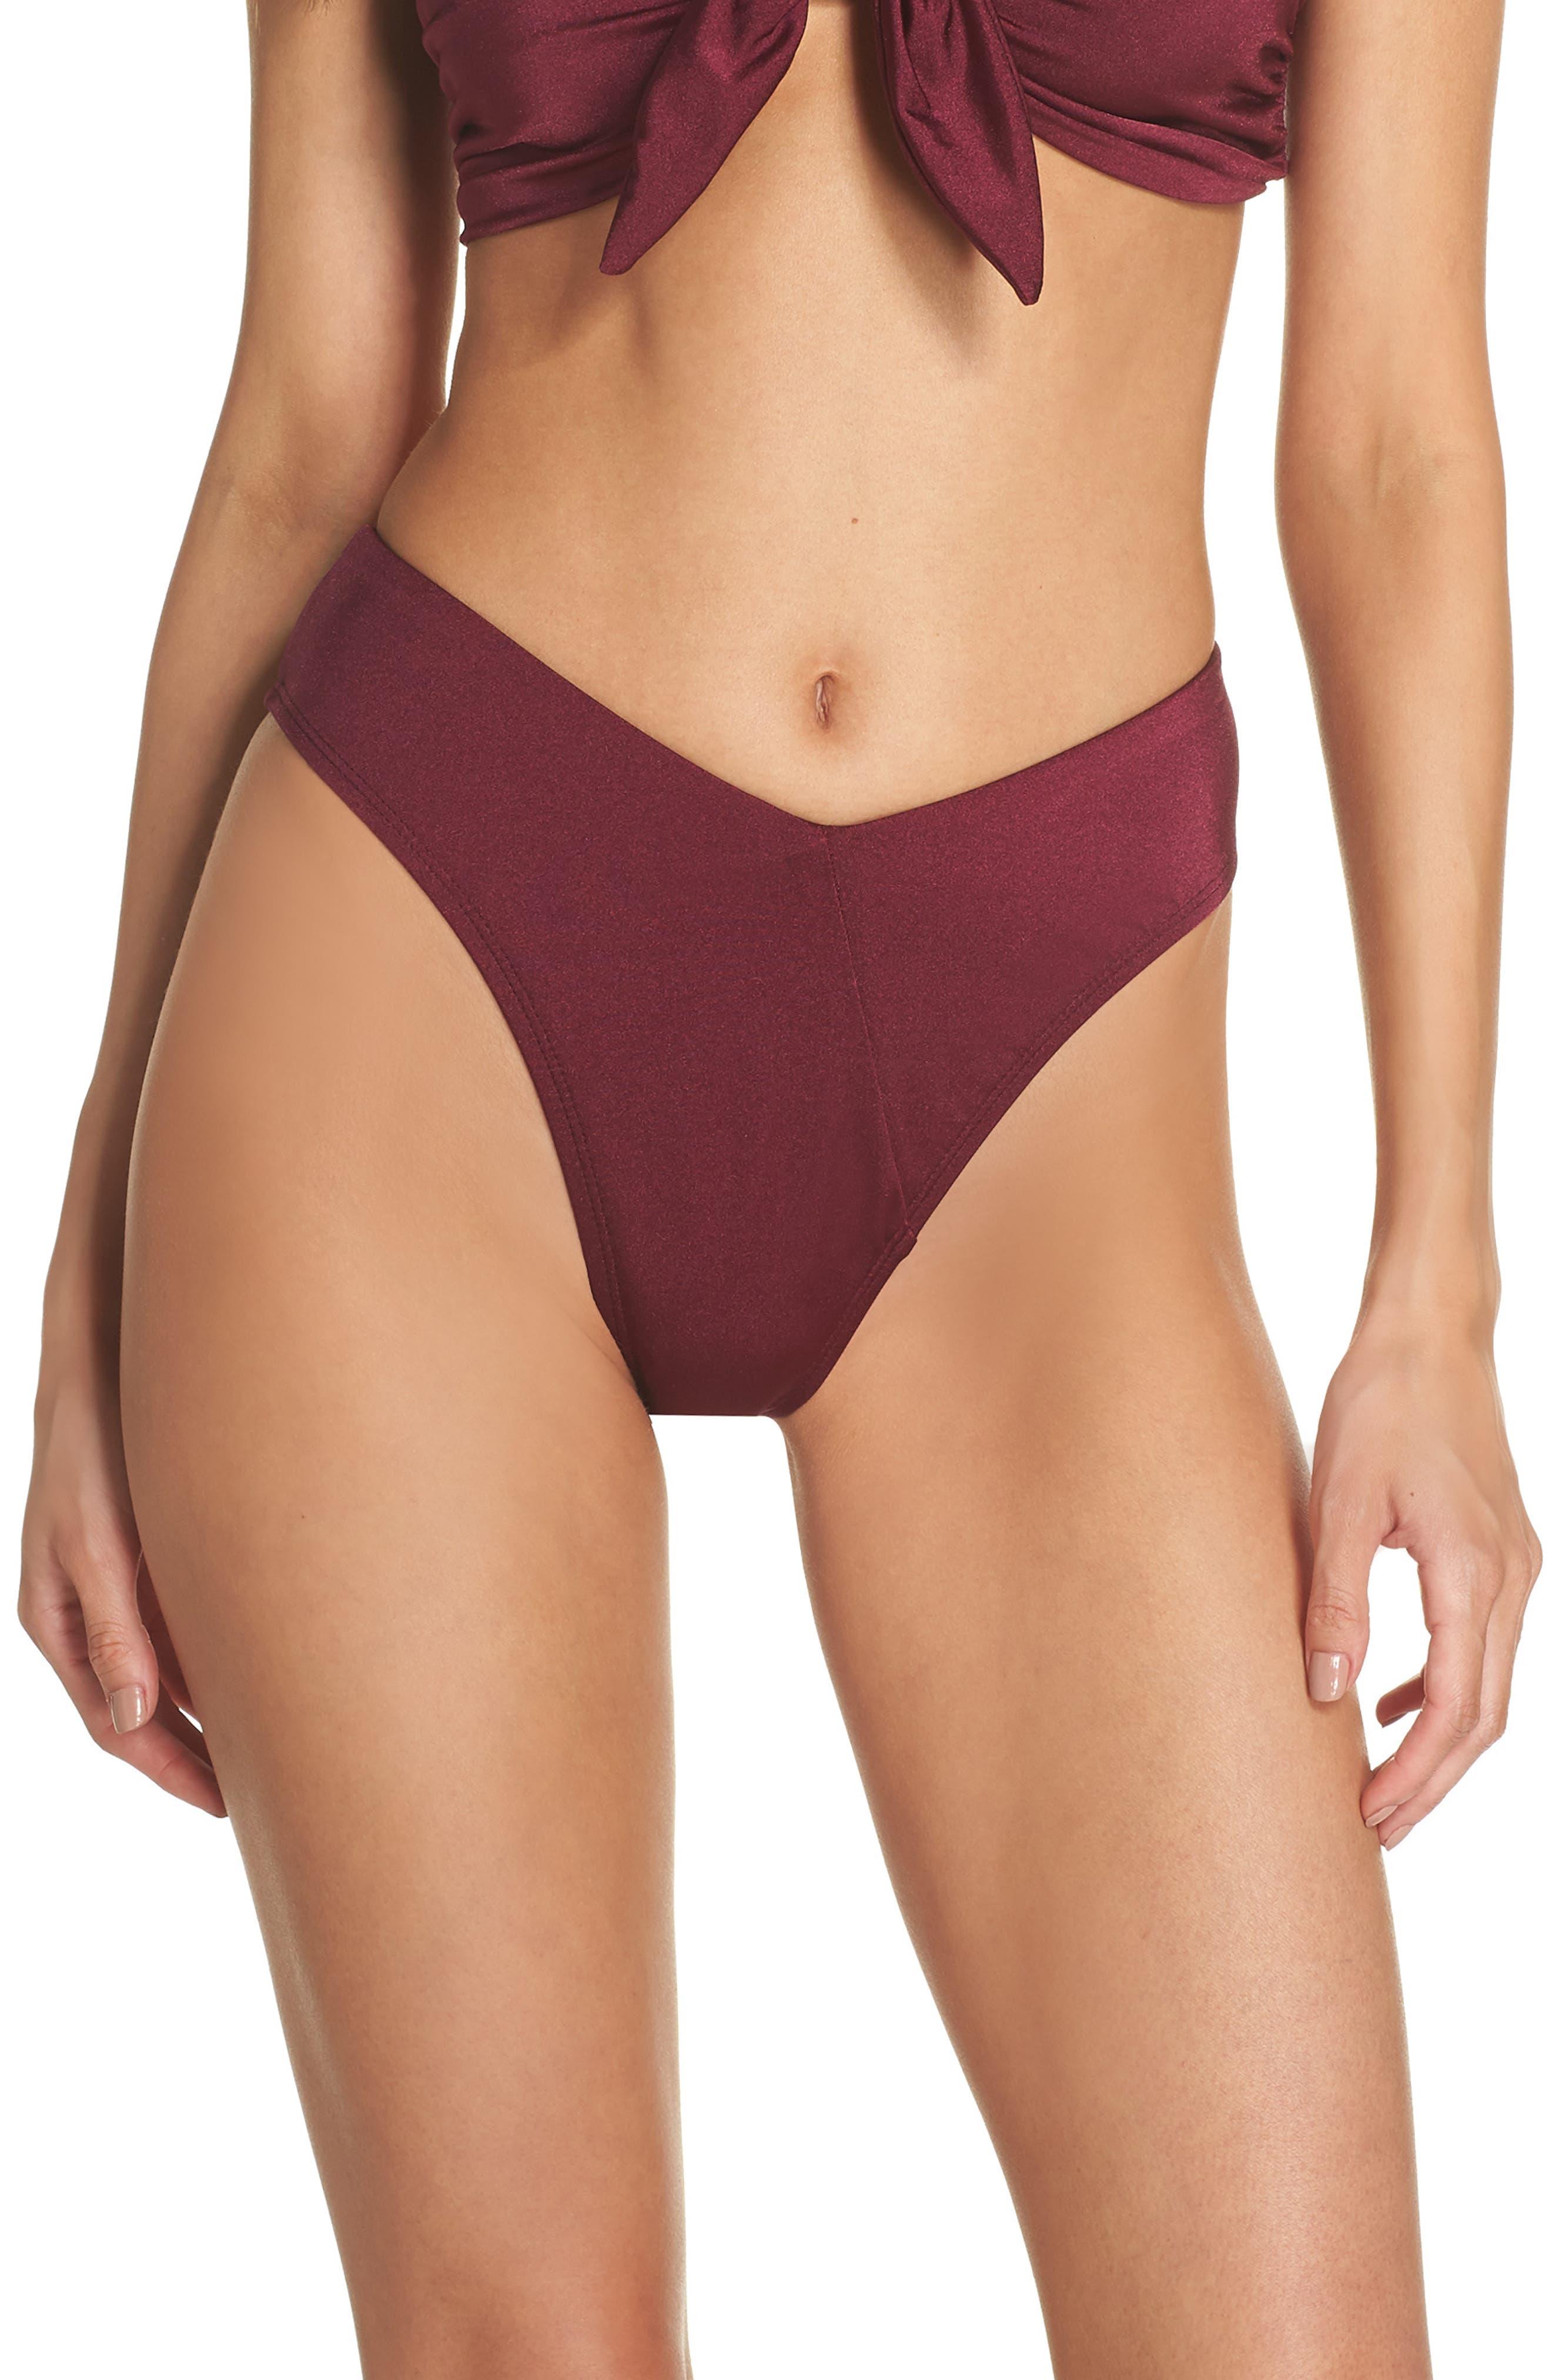 Riviera High Waist Bikini Bottoms,                             Main thumbnail 1, color,                             BURGUNDY FIELD